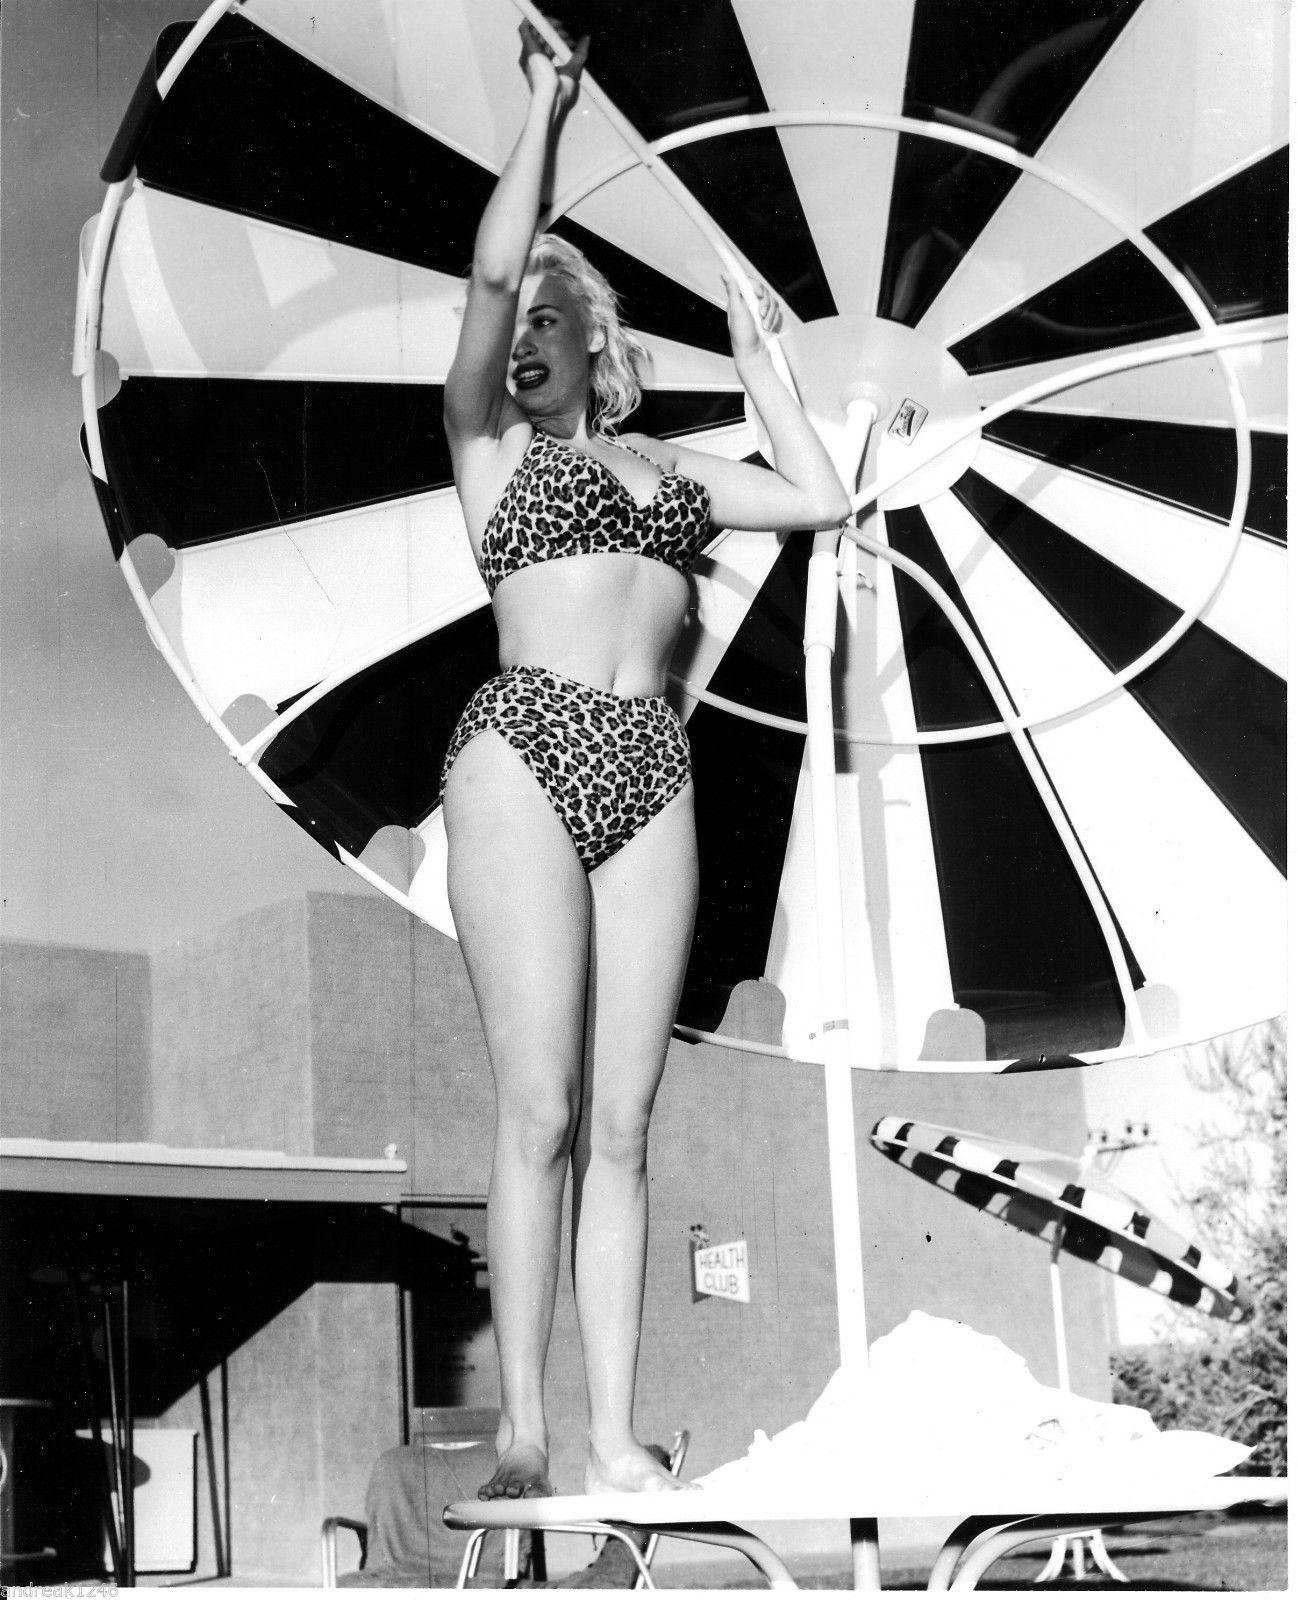 jayne_bikini_leopard-1956-las_vegas-1-3